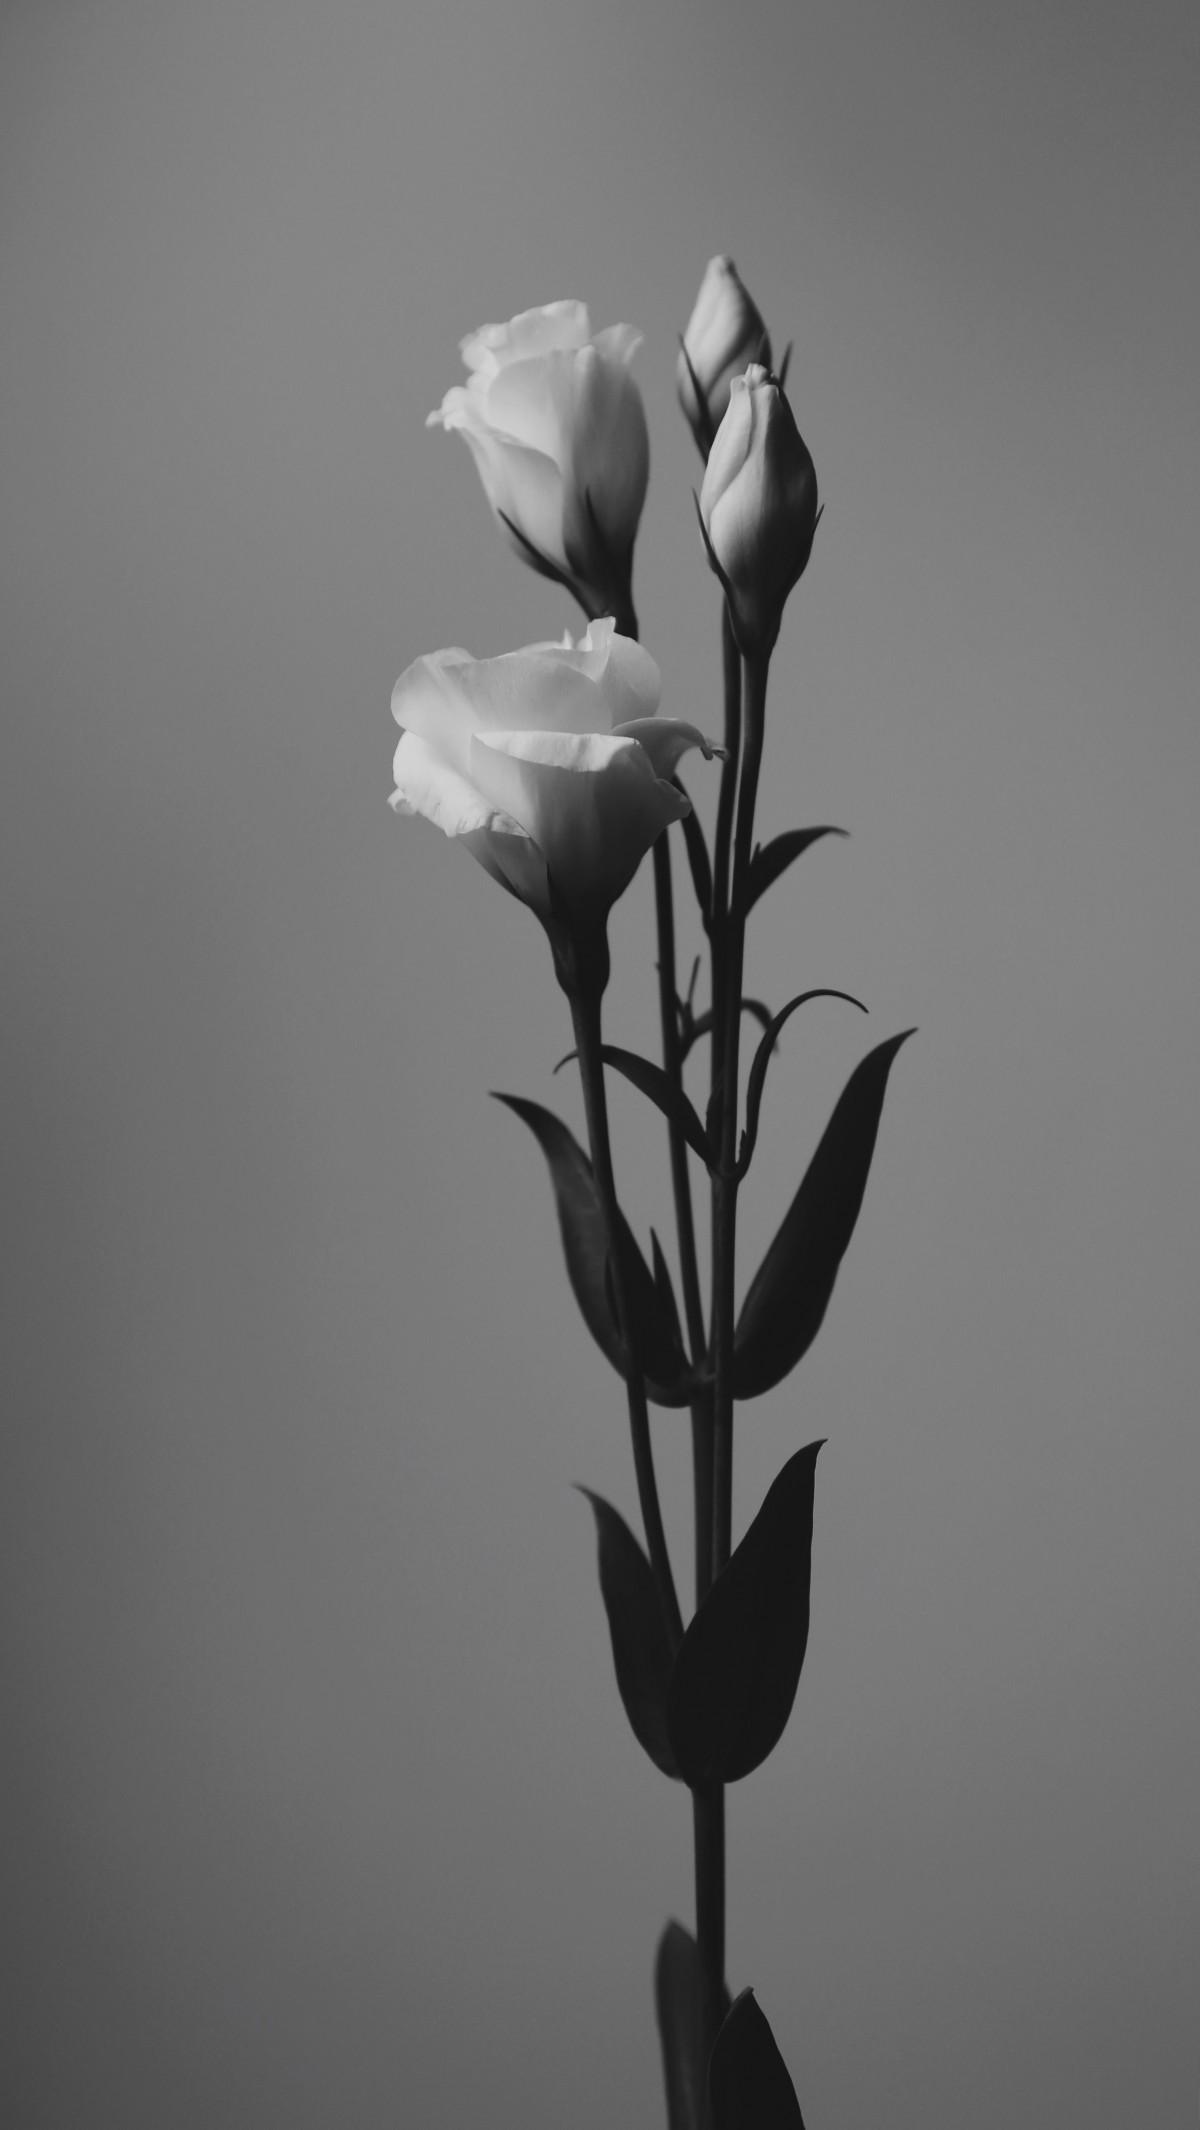 Images Gratuites : noir et blanc, fleur, pétale, tulipe, bouquet, vert, Nikon, 50mm, dessin ...